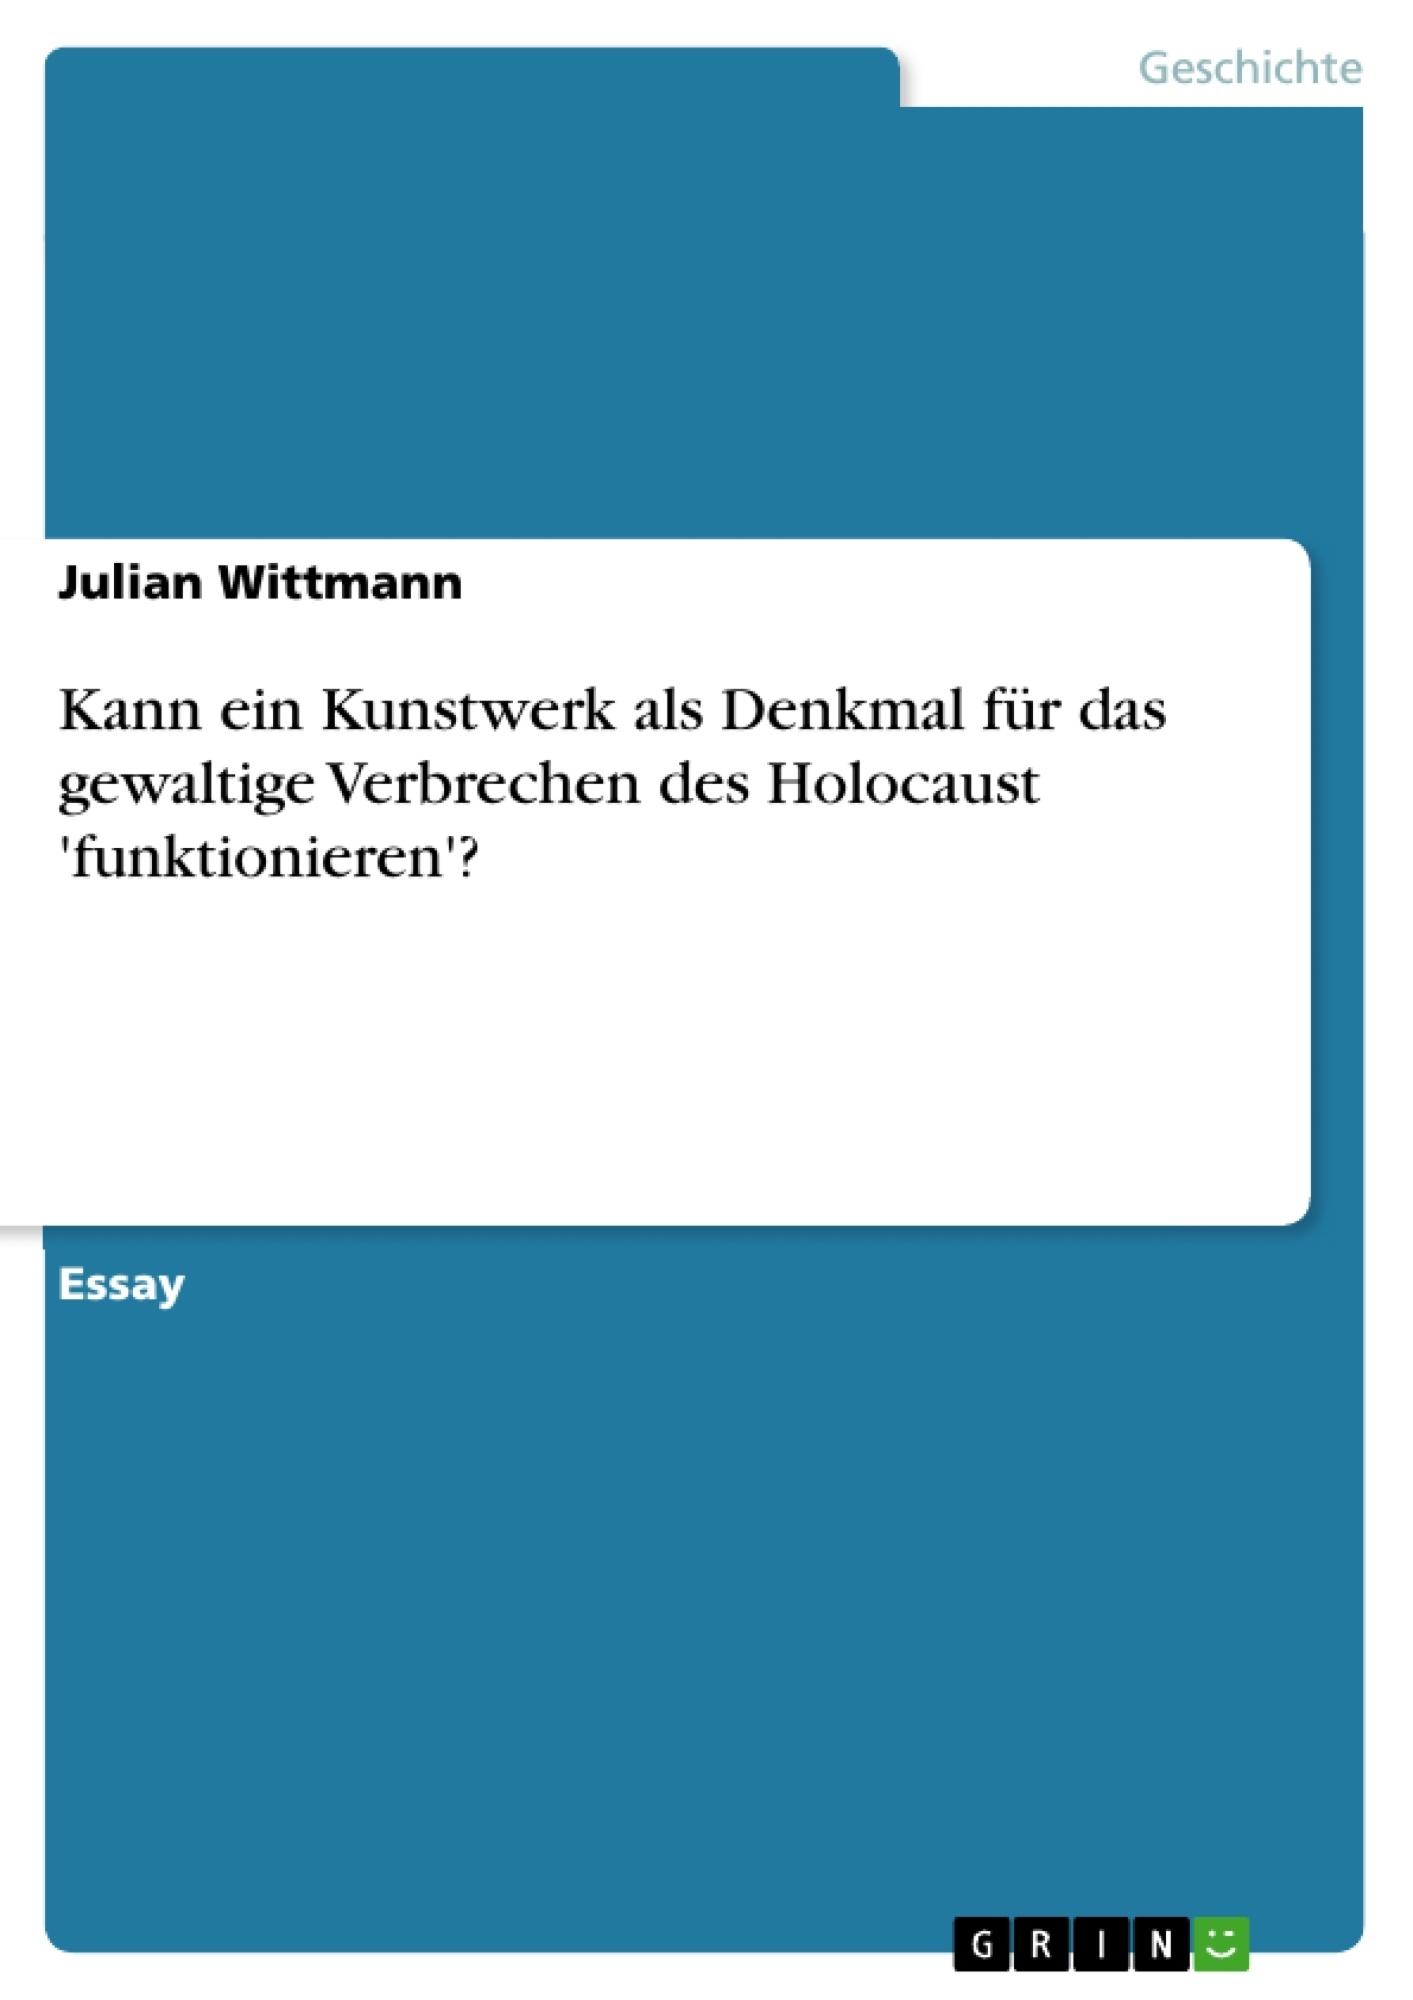 Titel: Kann ein Kunstwerk als Denkmal für das gewaltige Verbrechen des Holocaust 'funktionieren'?